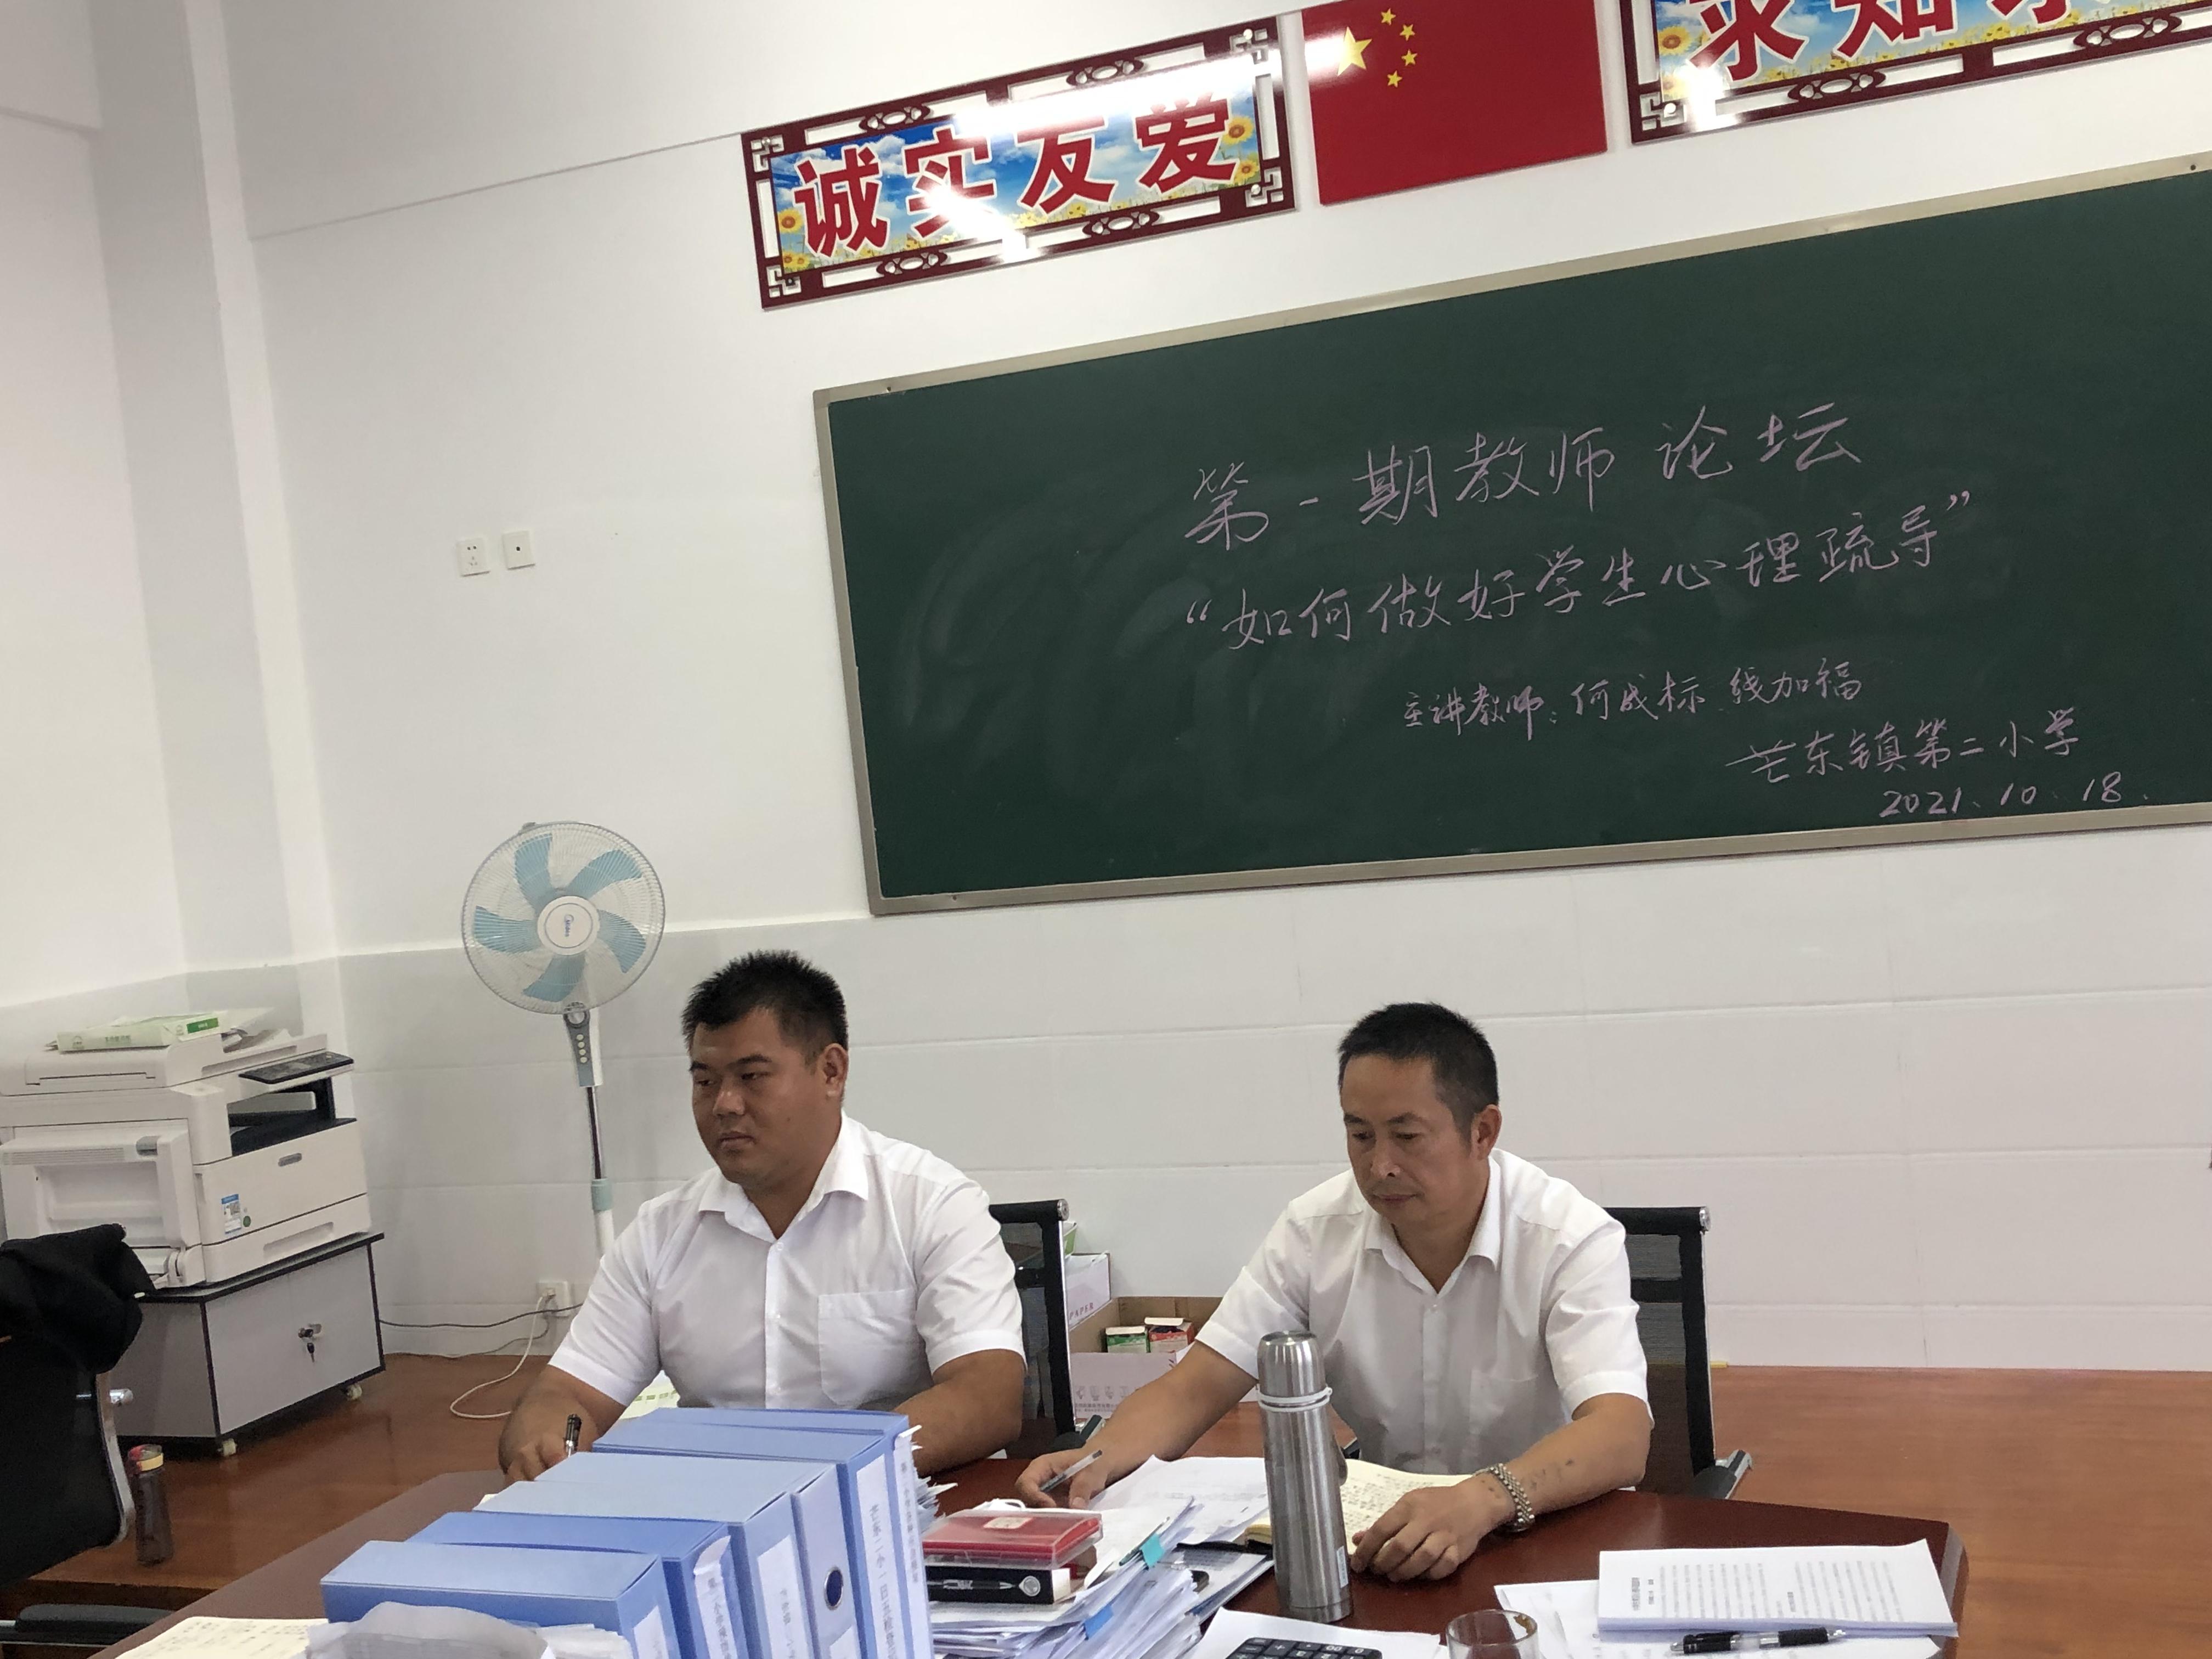 芒东镇第二小学开展2021年秋季学期 第一期教师论坛